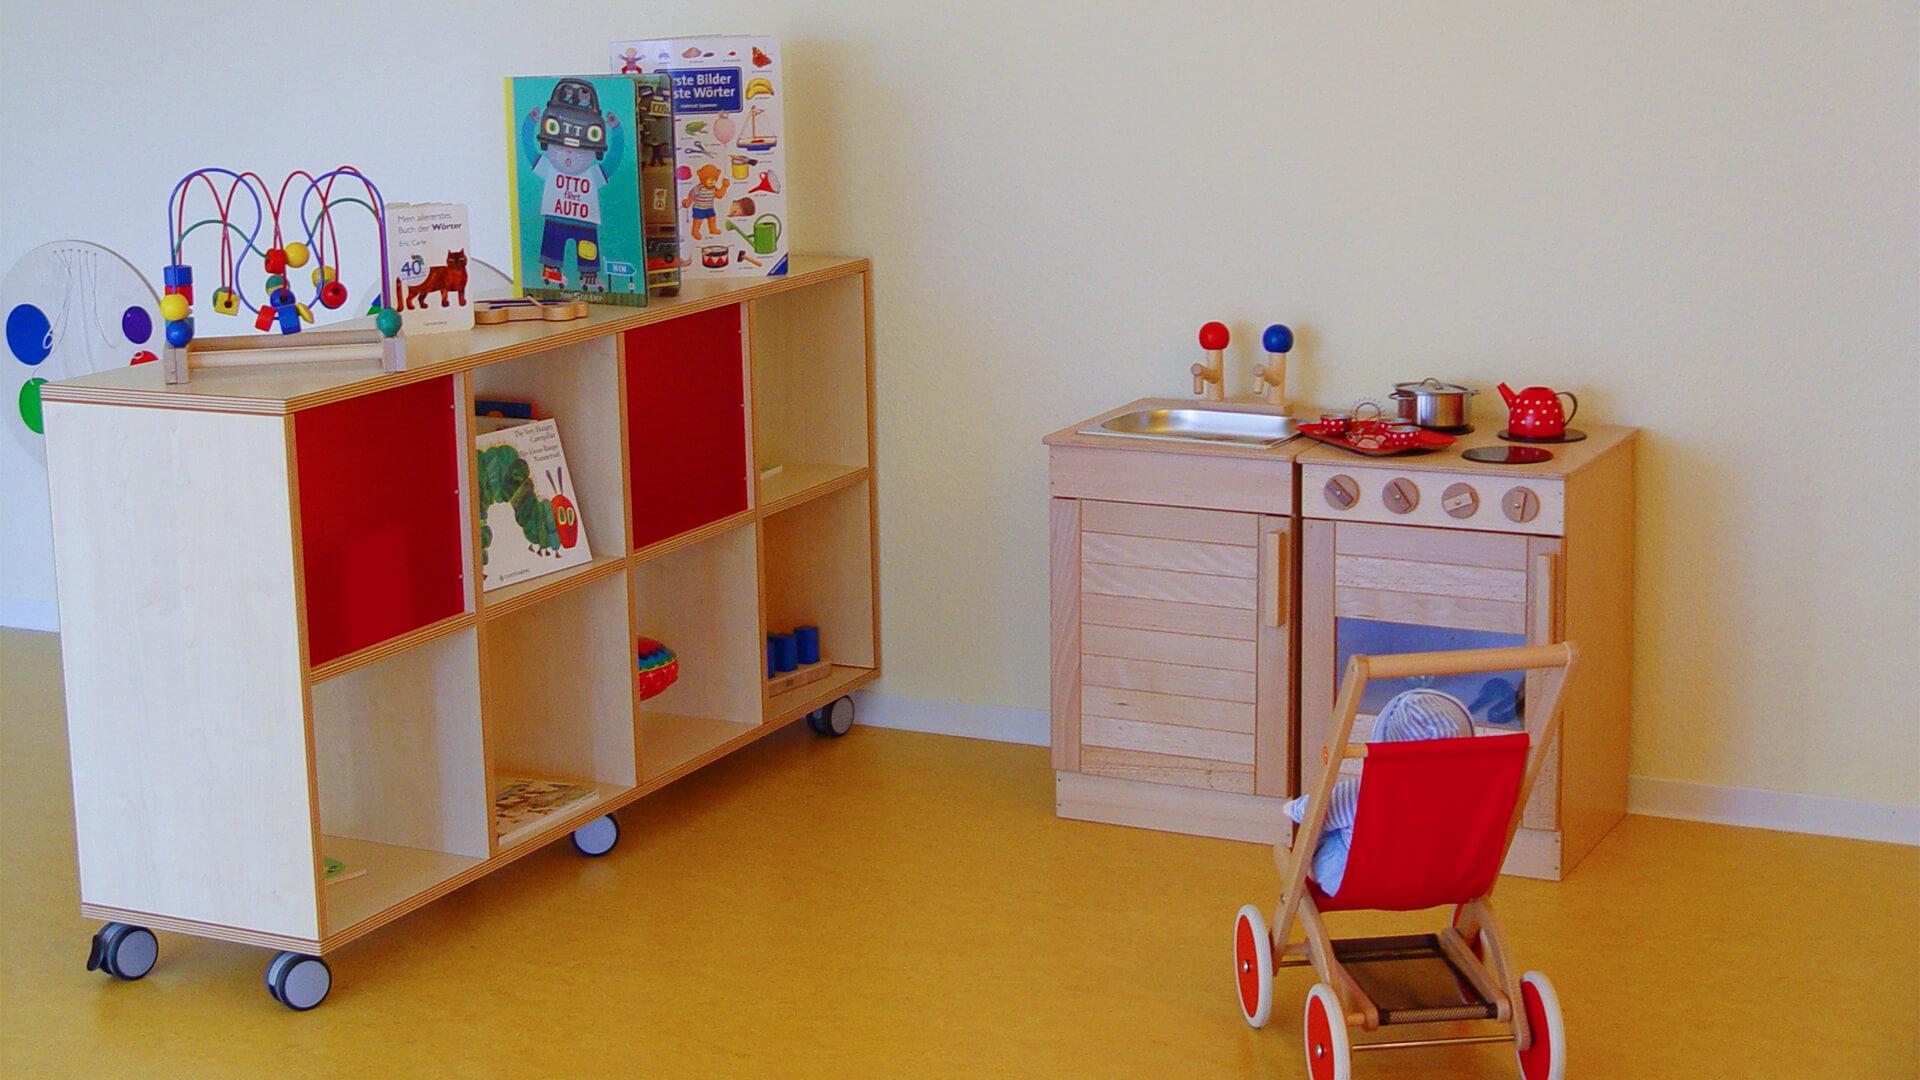 Spielküche, Kinderwagen mit Puppe und Bilderbücher